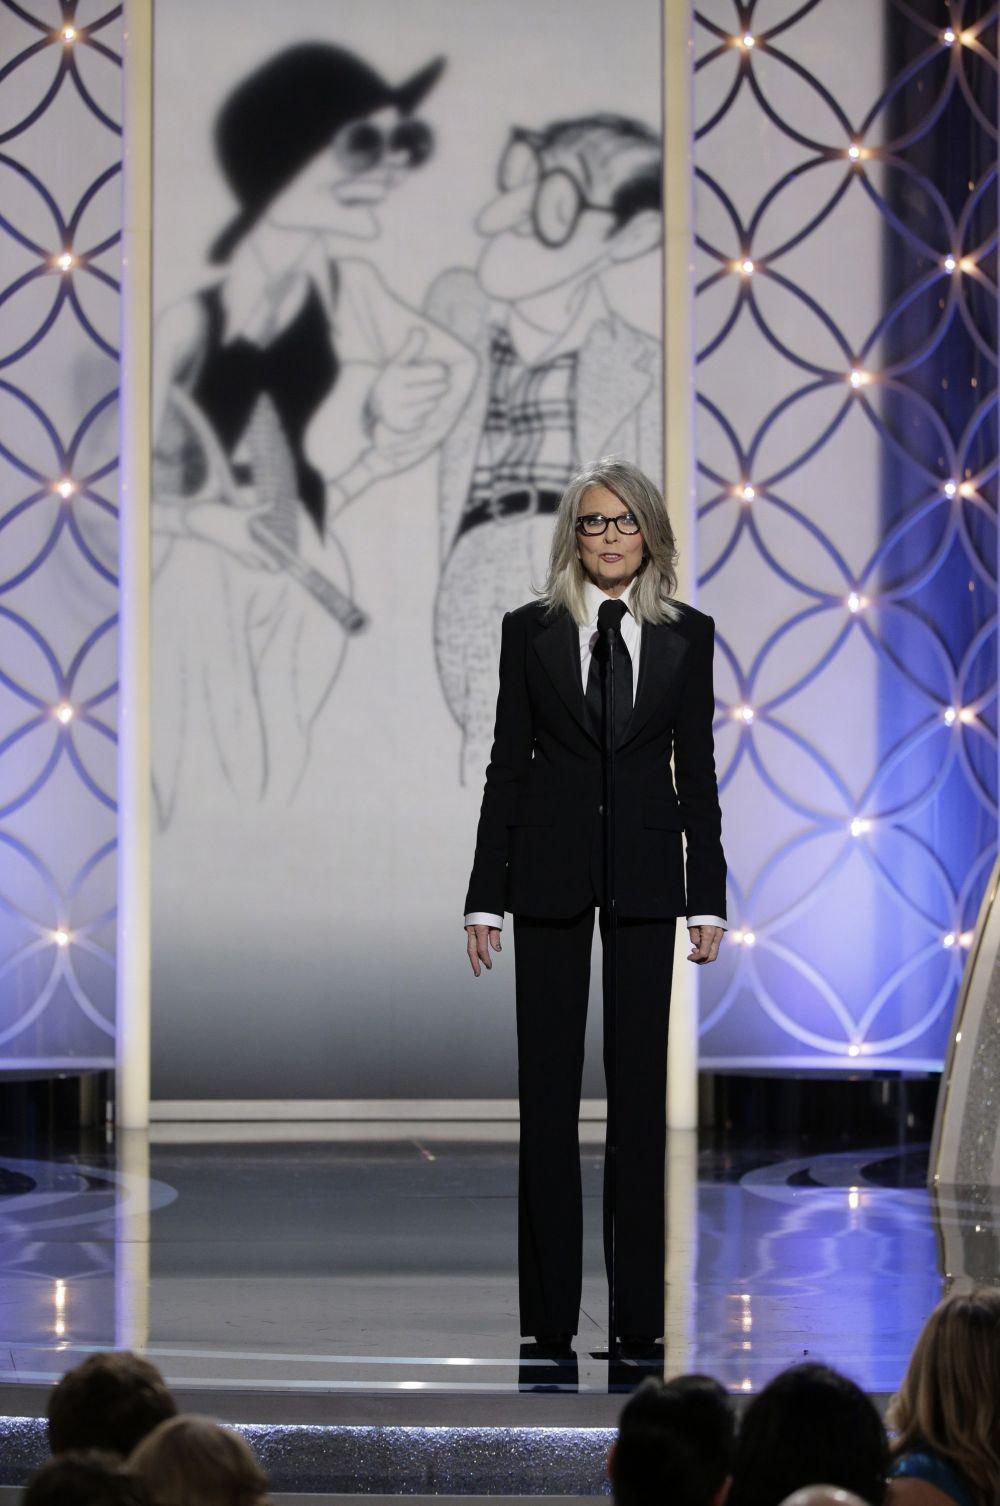 Сам Вуди Аллен за вклад в кинематограф получил Премию Сесиля Б. Де Милля. Режиссёр на церемонии не появился и его приз забрала Дайан Китон.